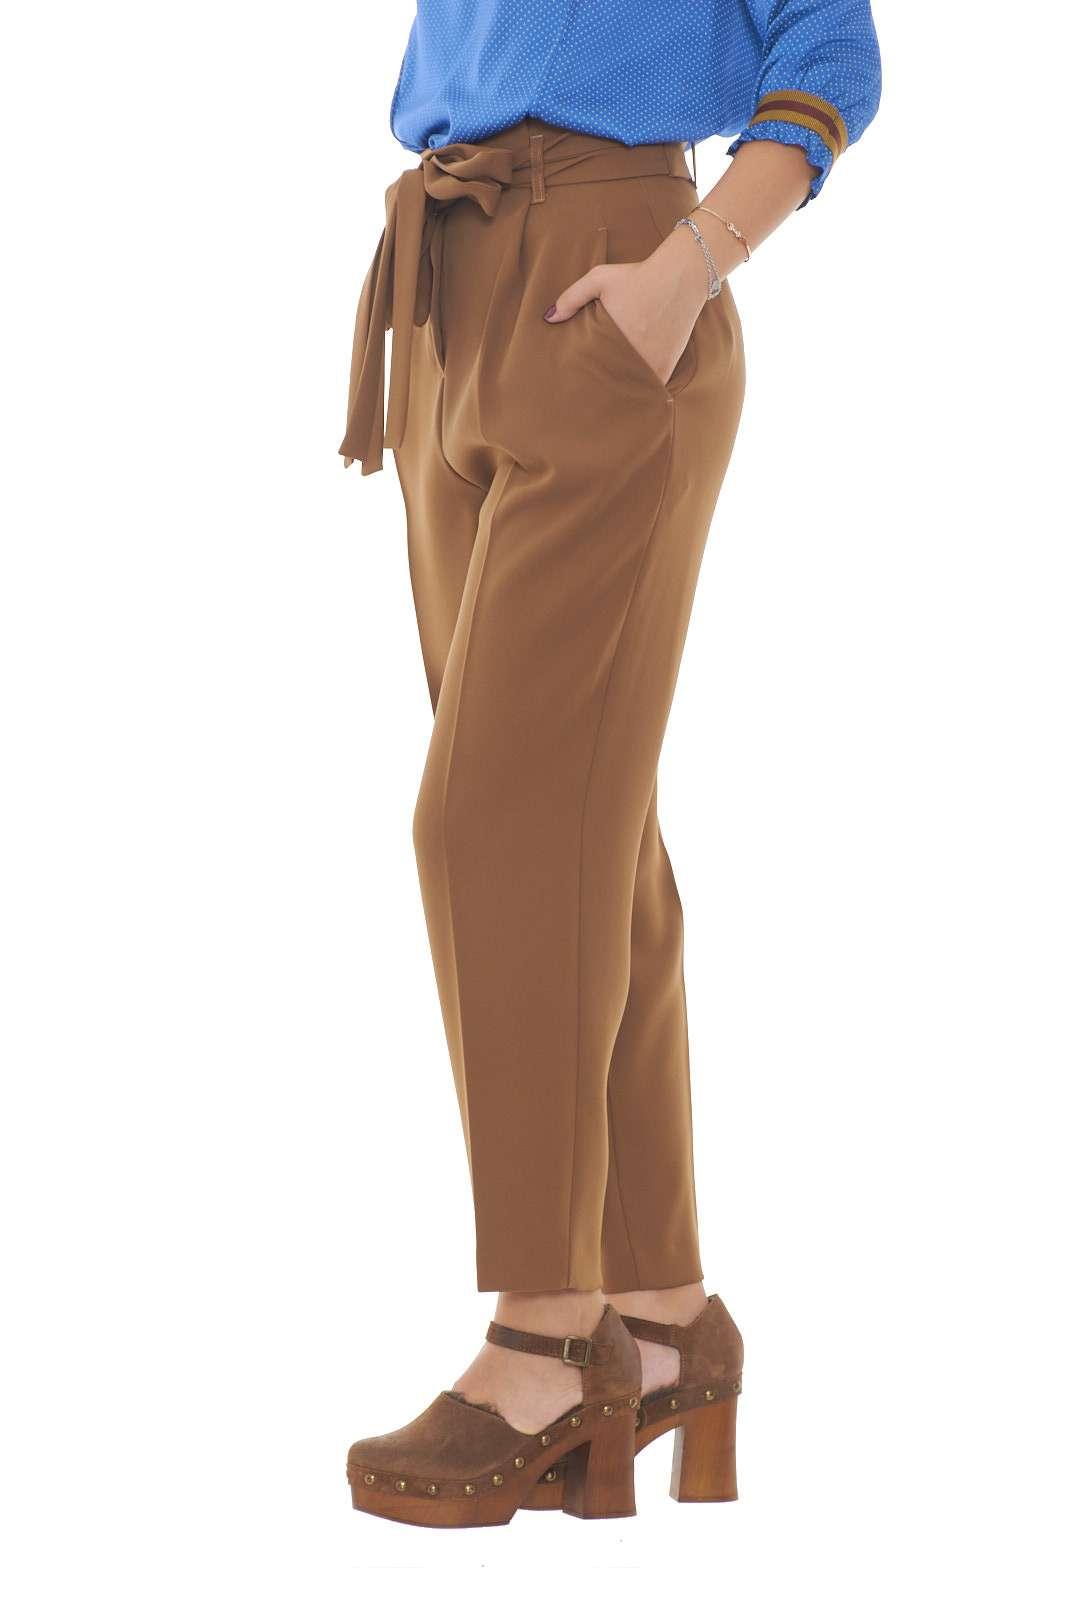 /media/catalog/product/a/i/AI-outlet_parmax-pantaloni-donna-Sfizio-19FA1179SILENO-B.jpg